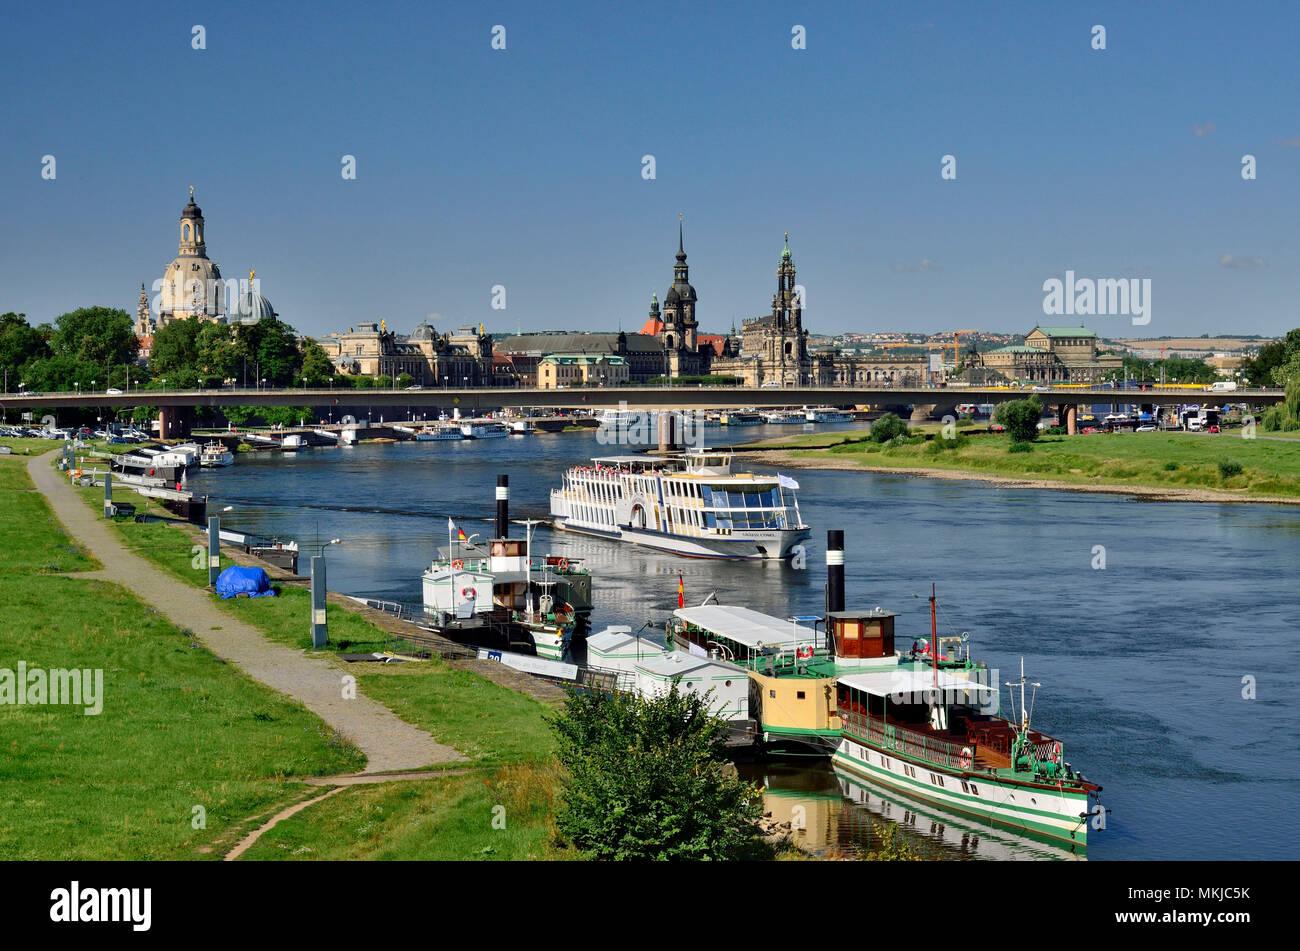 La stessa spedizione ponte Carola e la città vecchia di Dresda, Elbeschifffahrt Carolabrücke vor und Altstadt Immagini Stock